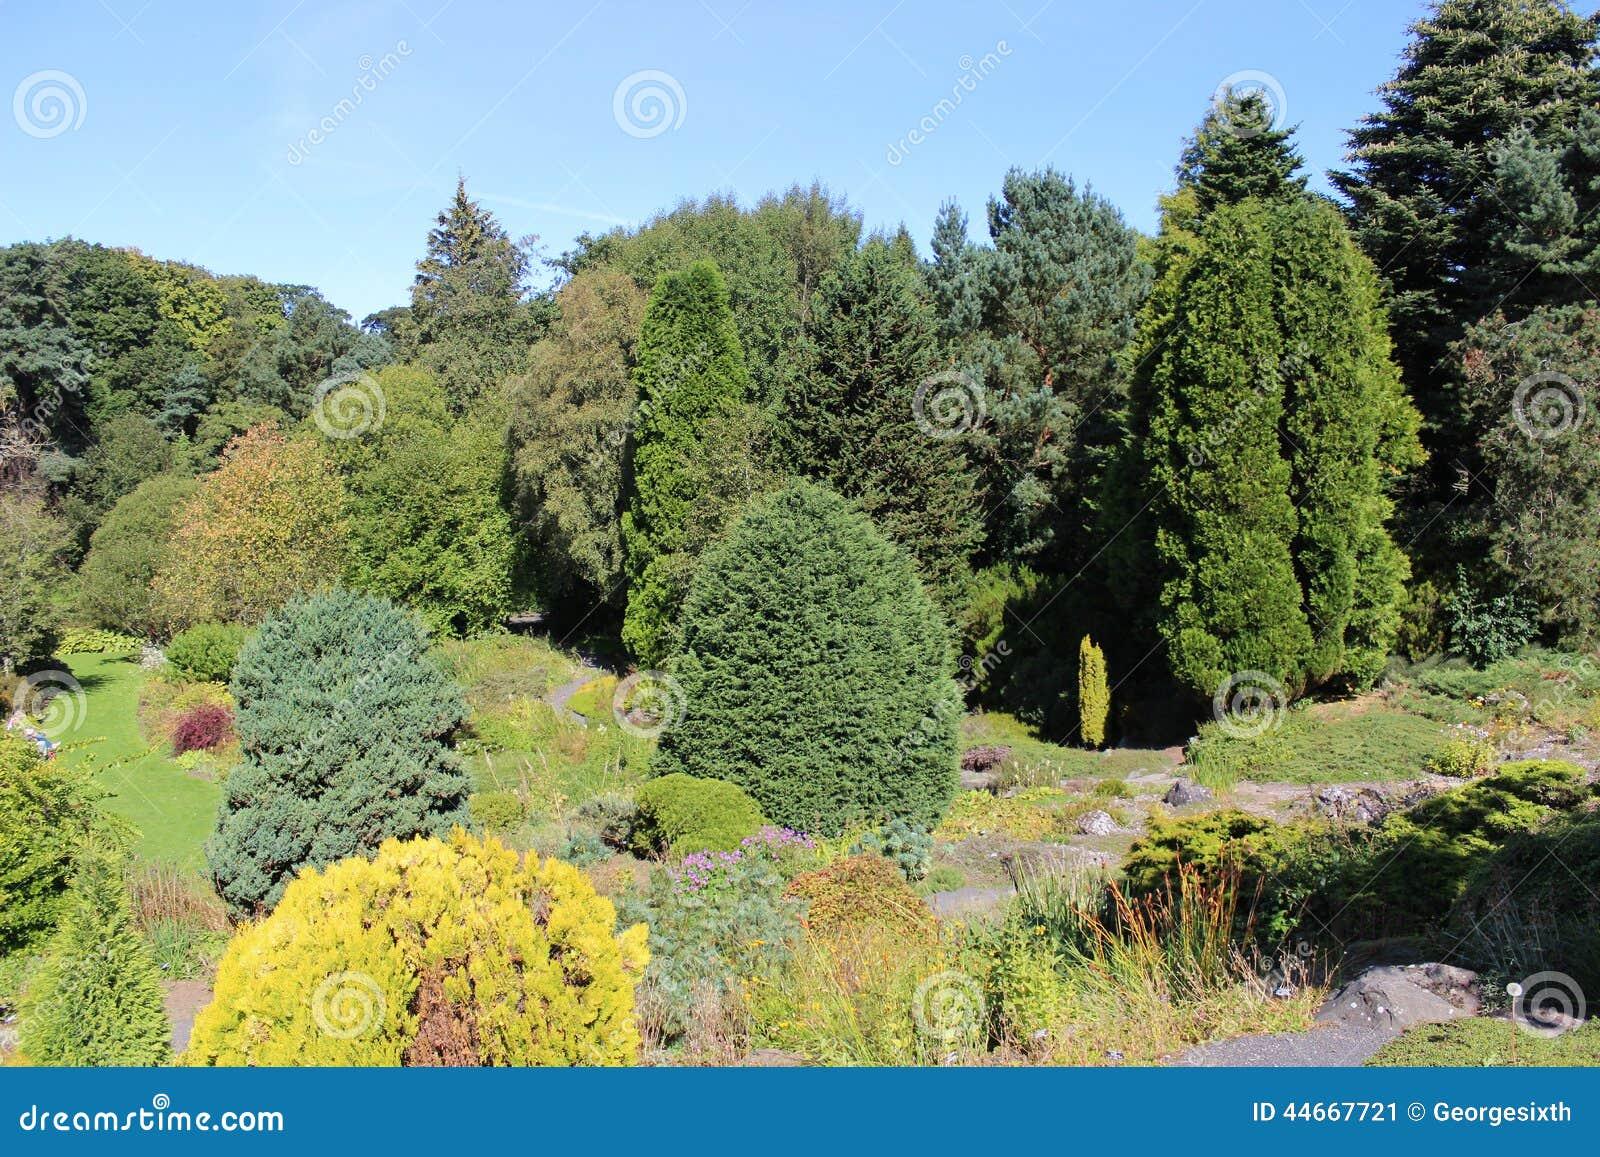 Gardens st andrews botanic garden st andrews stock photo for Garden trees scotland